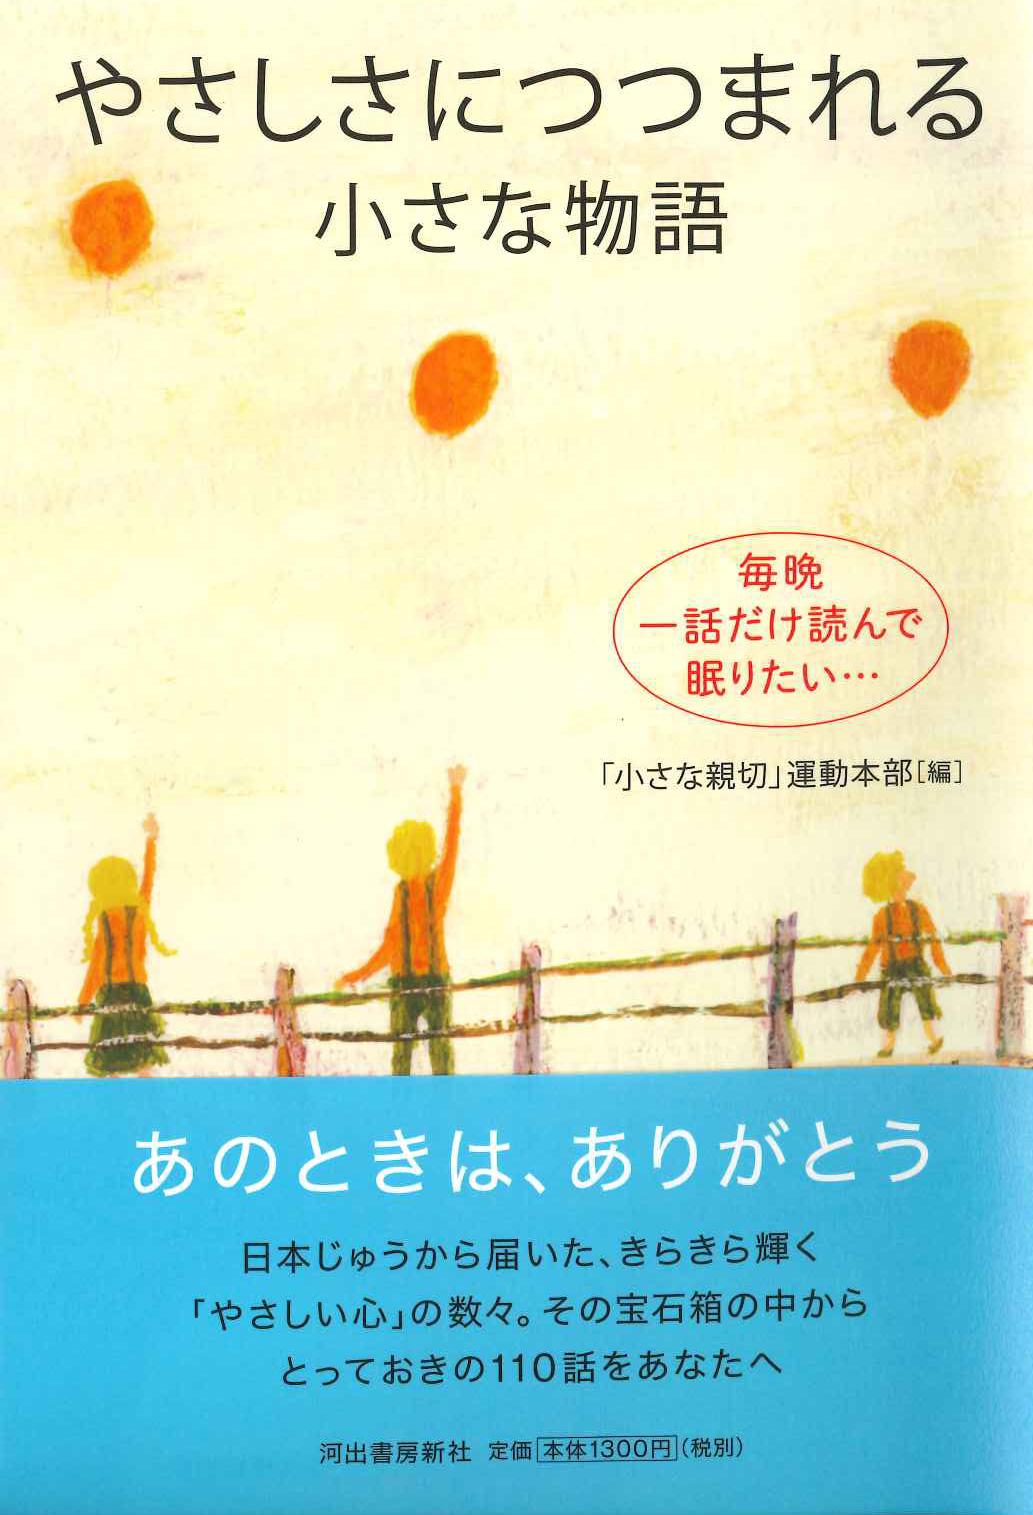 『やさしさにつつまれる 小さな物語』が発売されます!